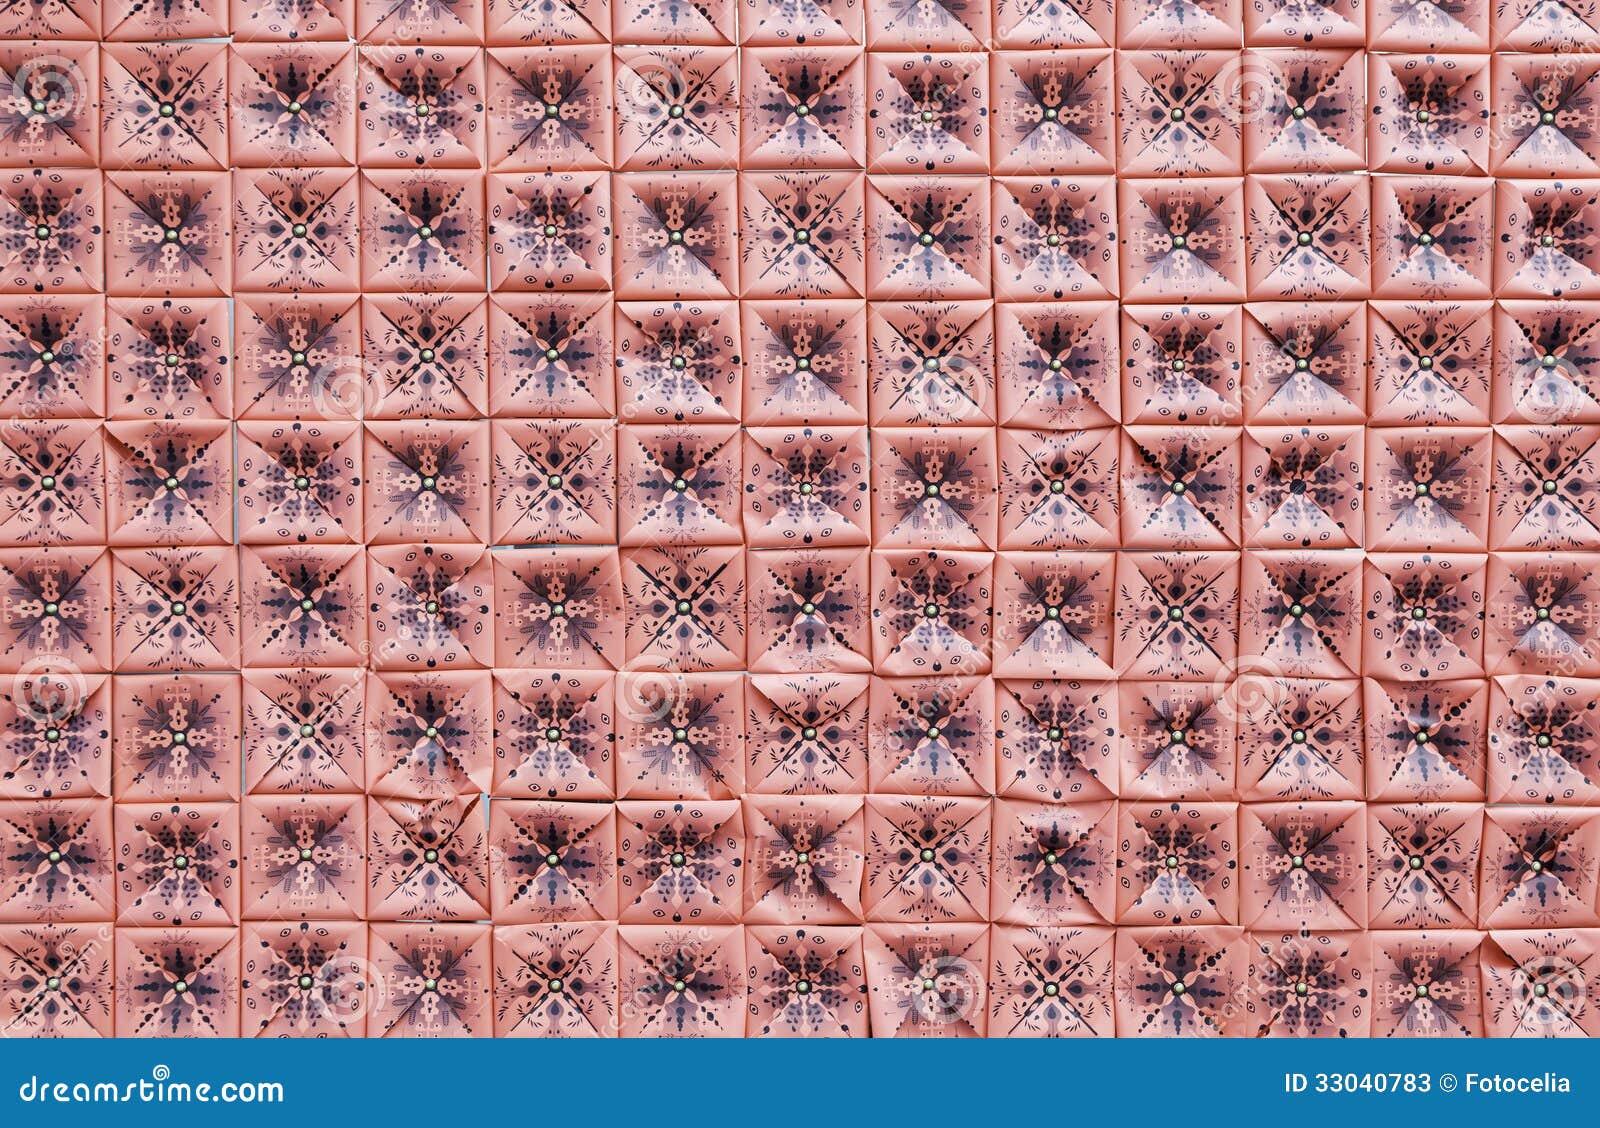 Paredes pintadas flores fotos de stock imagem 33040783 for Fotos paredes pintadas